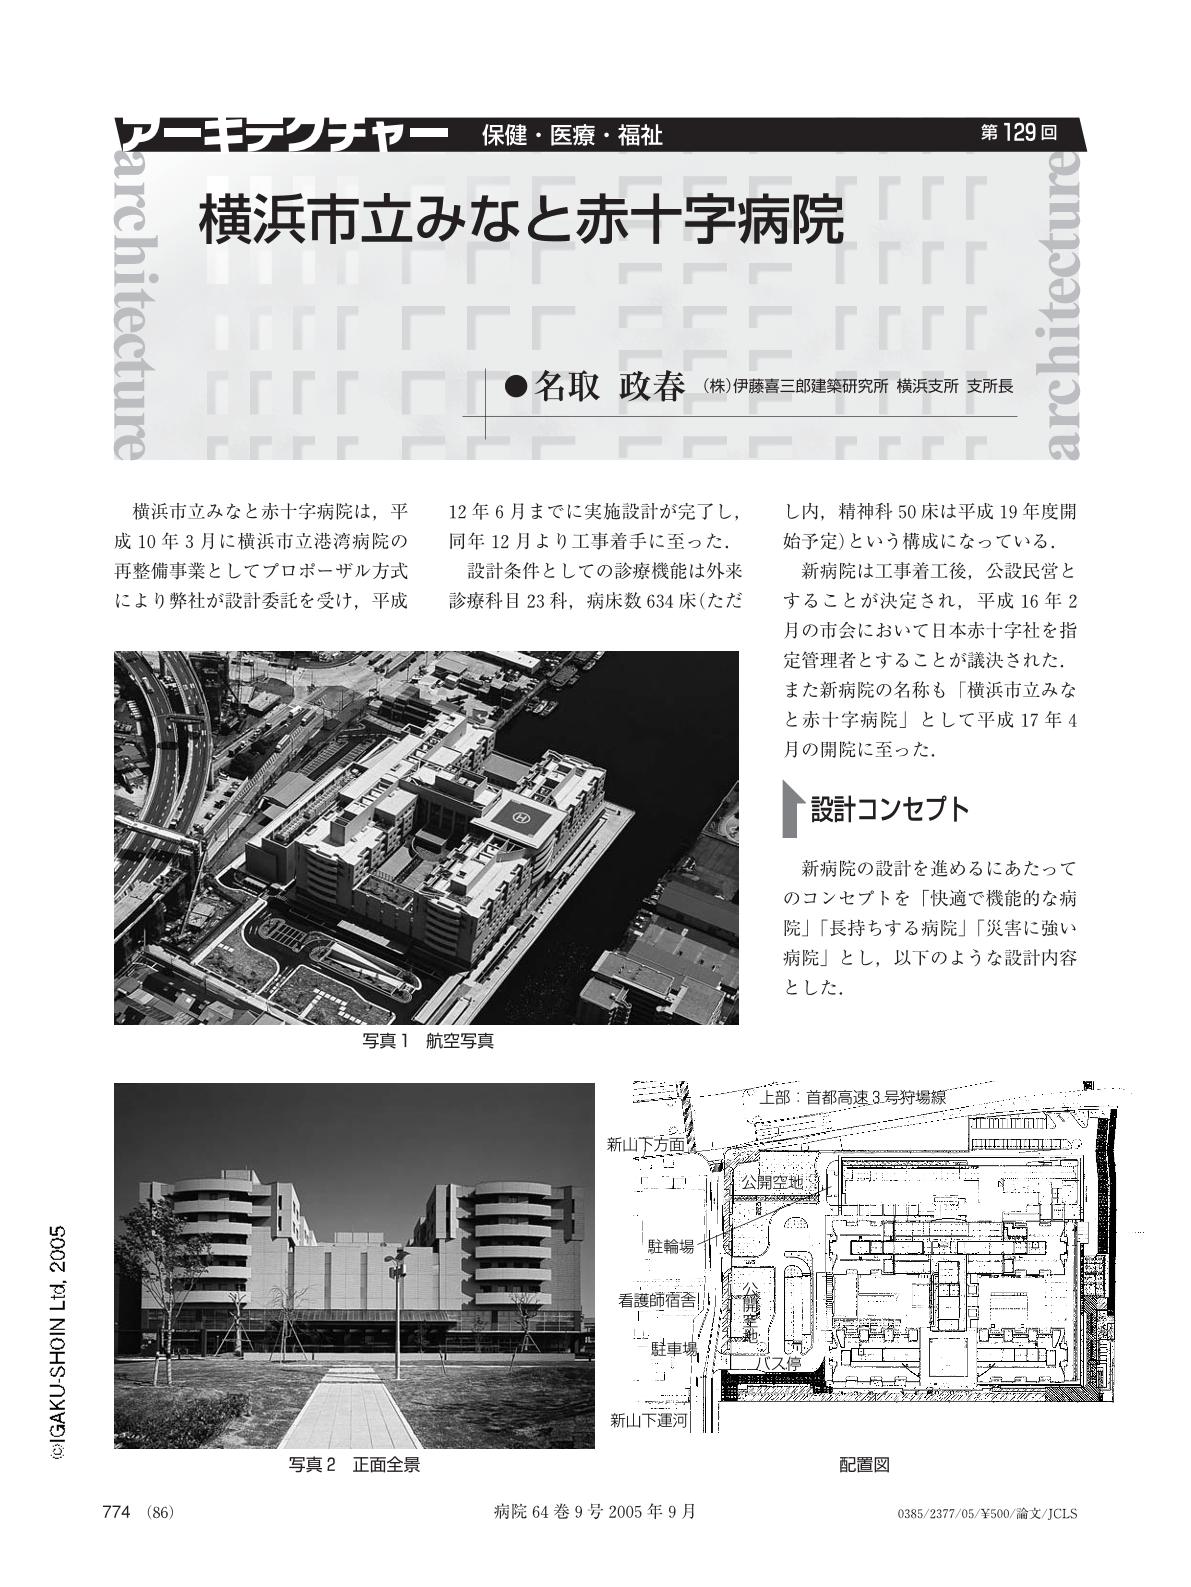 みなと 赤十字 病院 横浜